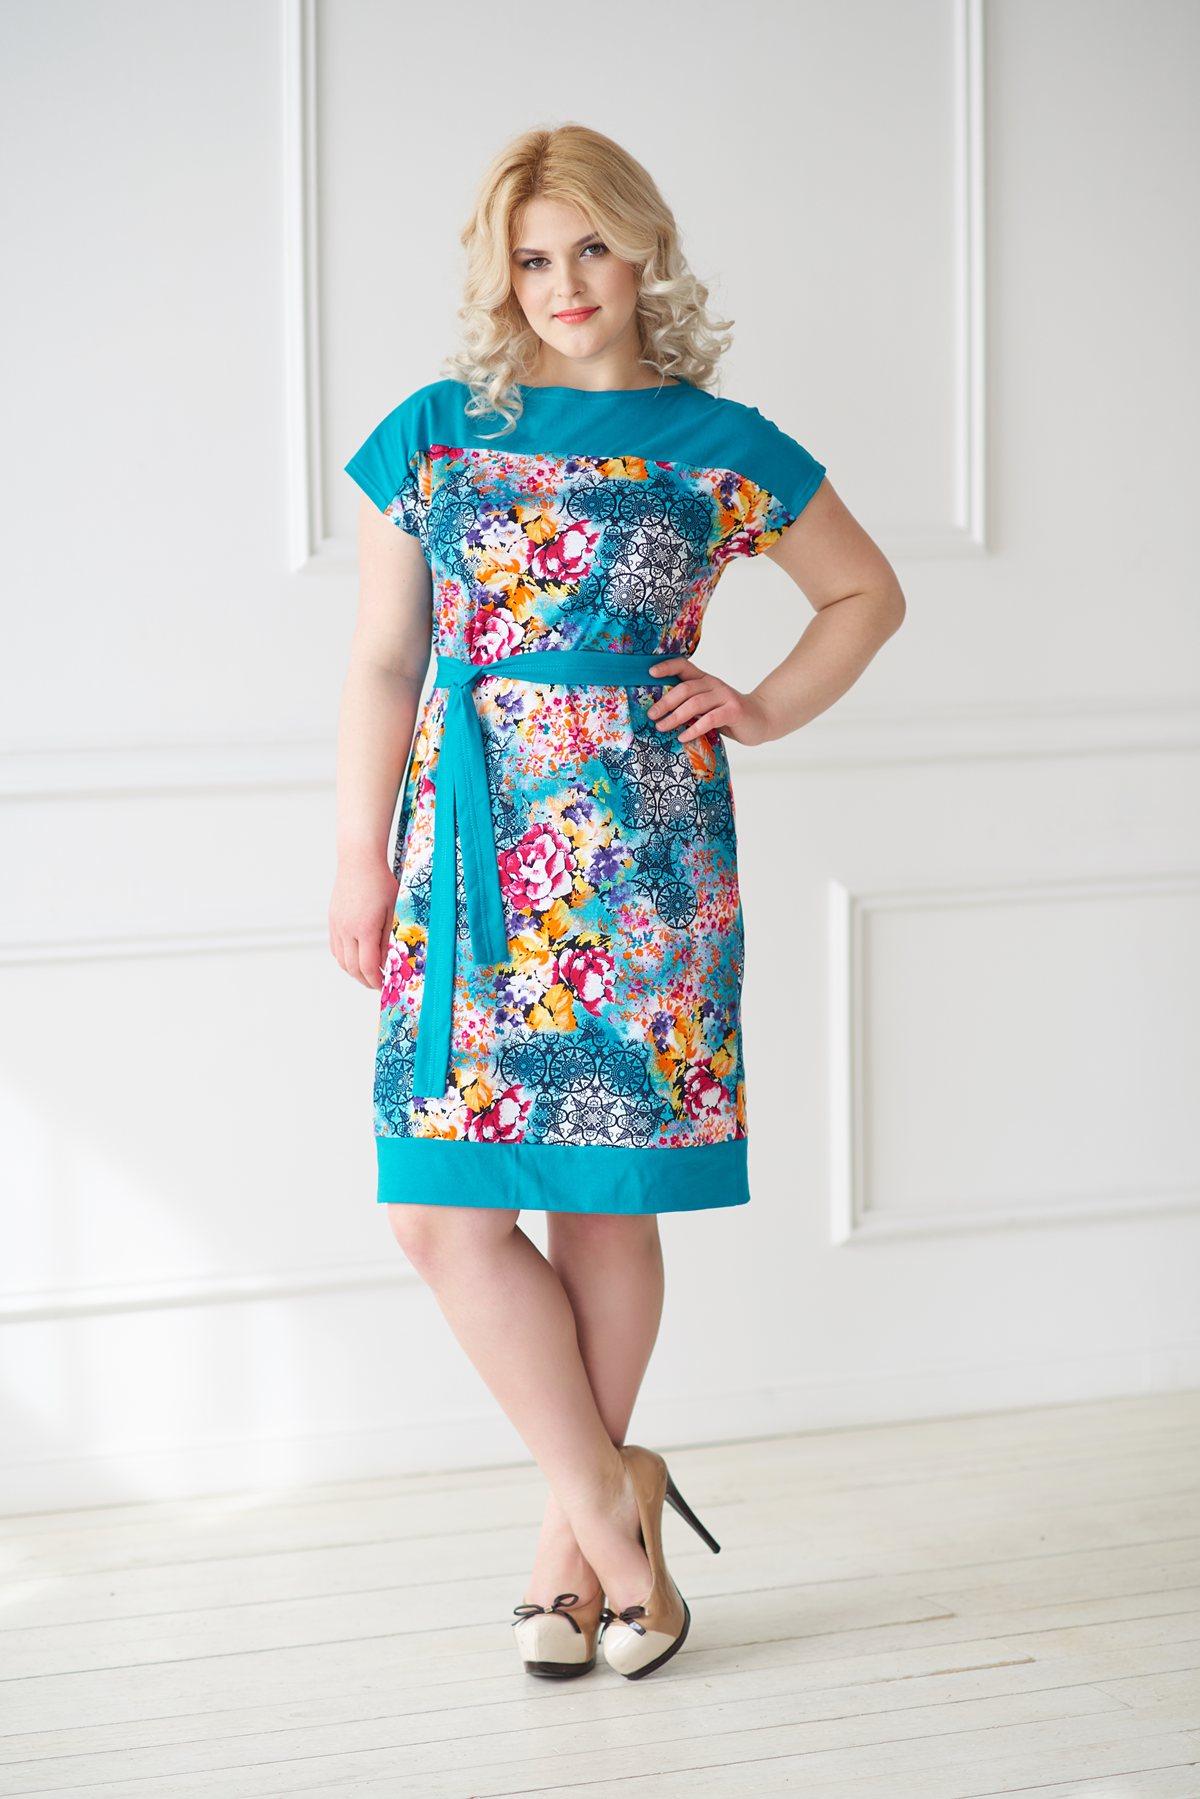 Жен. платье арт. 19-0045 Изумрудный р. 48Платья<br>Факт. ОГ:92 см<br>Факт. ОТ:96 см<br>Факт. ОБ:100 см<br>Длина по спинке:97 см<br><br>Тип: Жен. платье<br>Размер: 48<br>Материал: Трикотаж